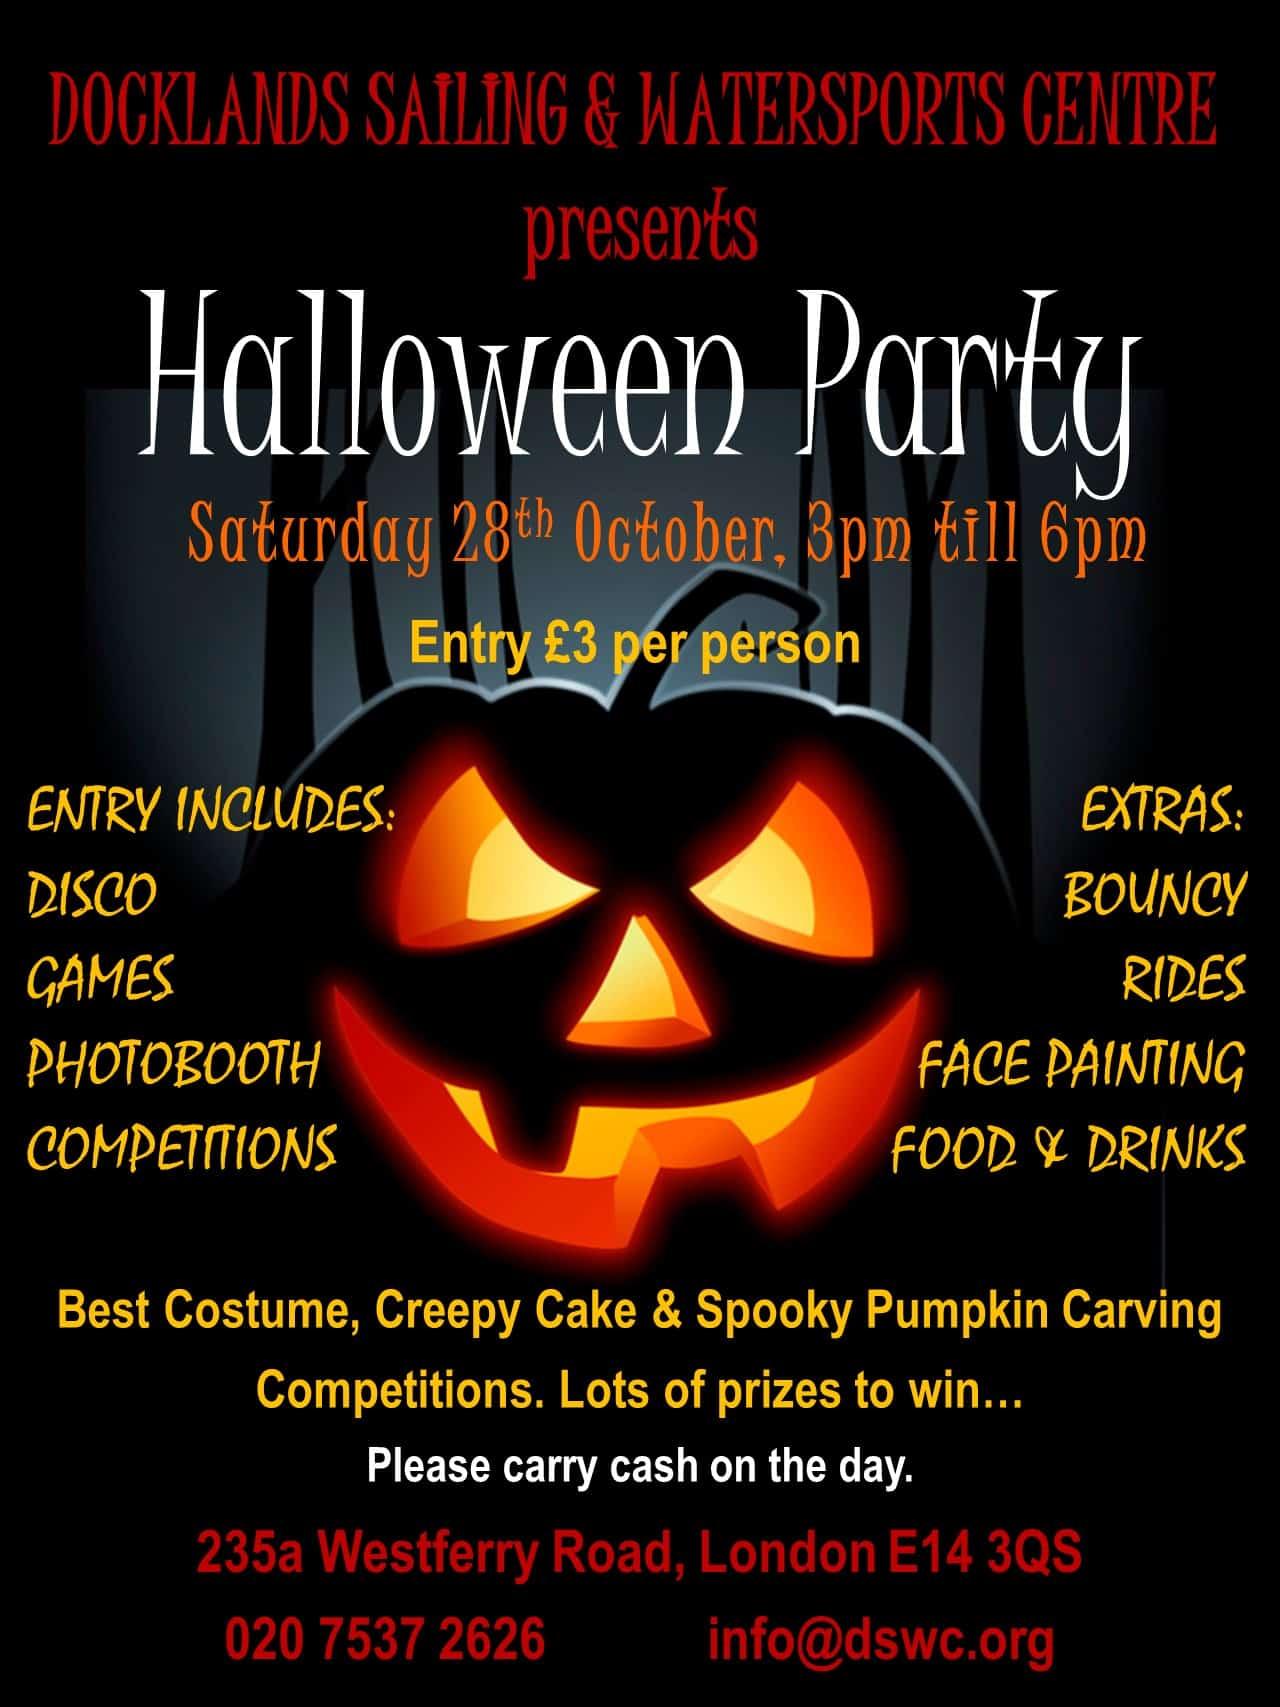 DSWC Halloween Party 2017 | DSWC